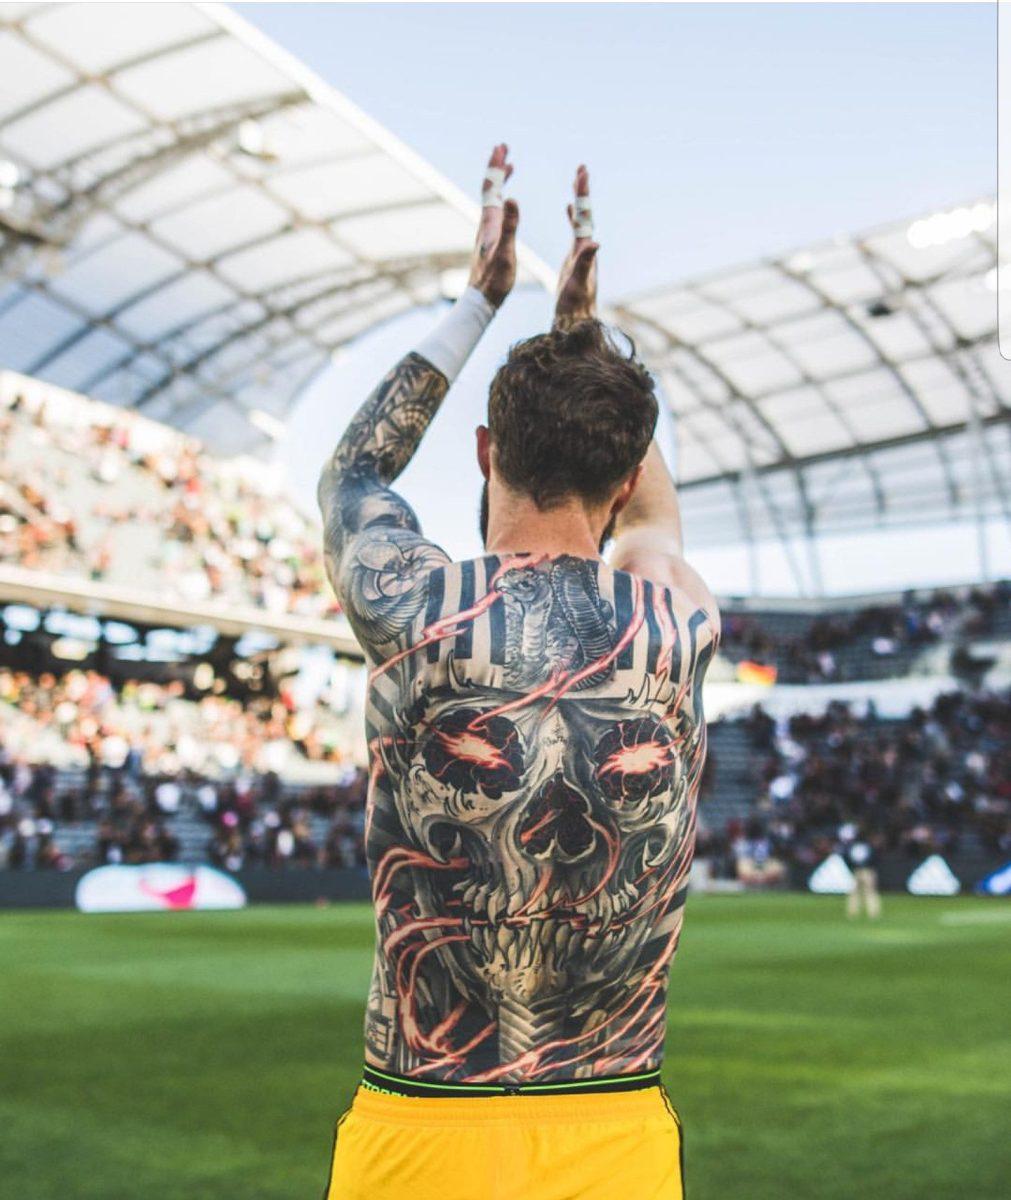 Recunoști fotbaliștii după tatuaje. Sursă foto: reddit.com